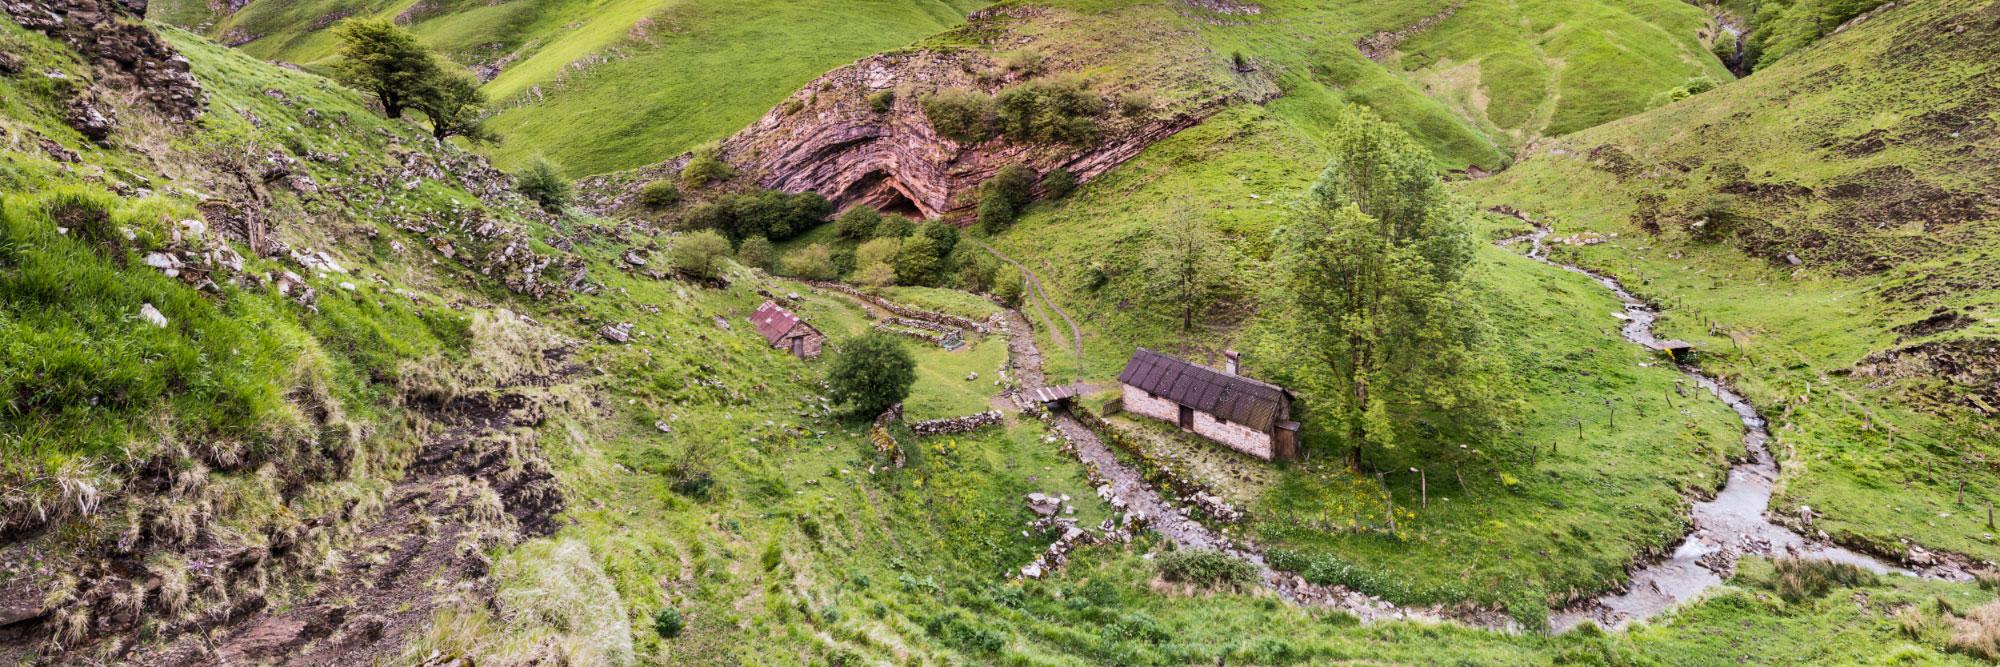 Grotte d'Harpéa, Pays Basque